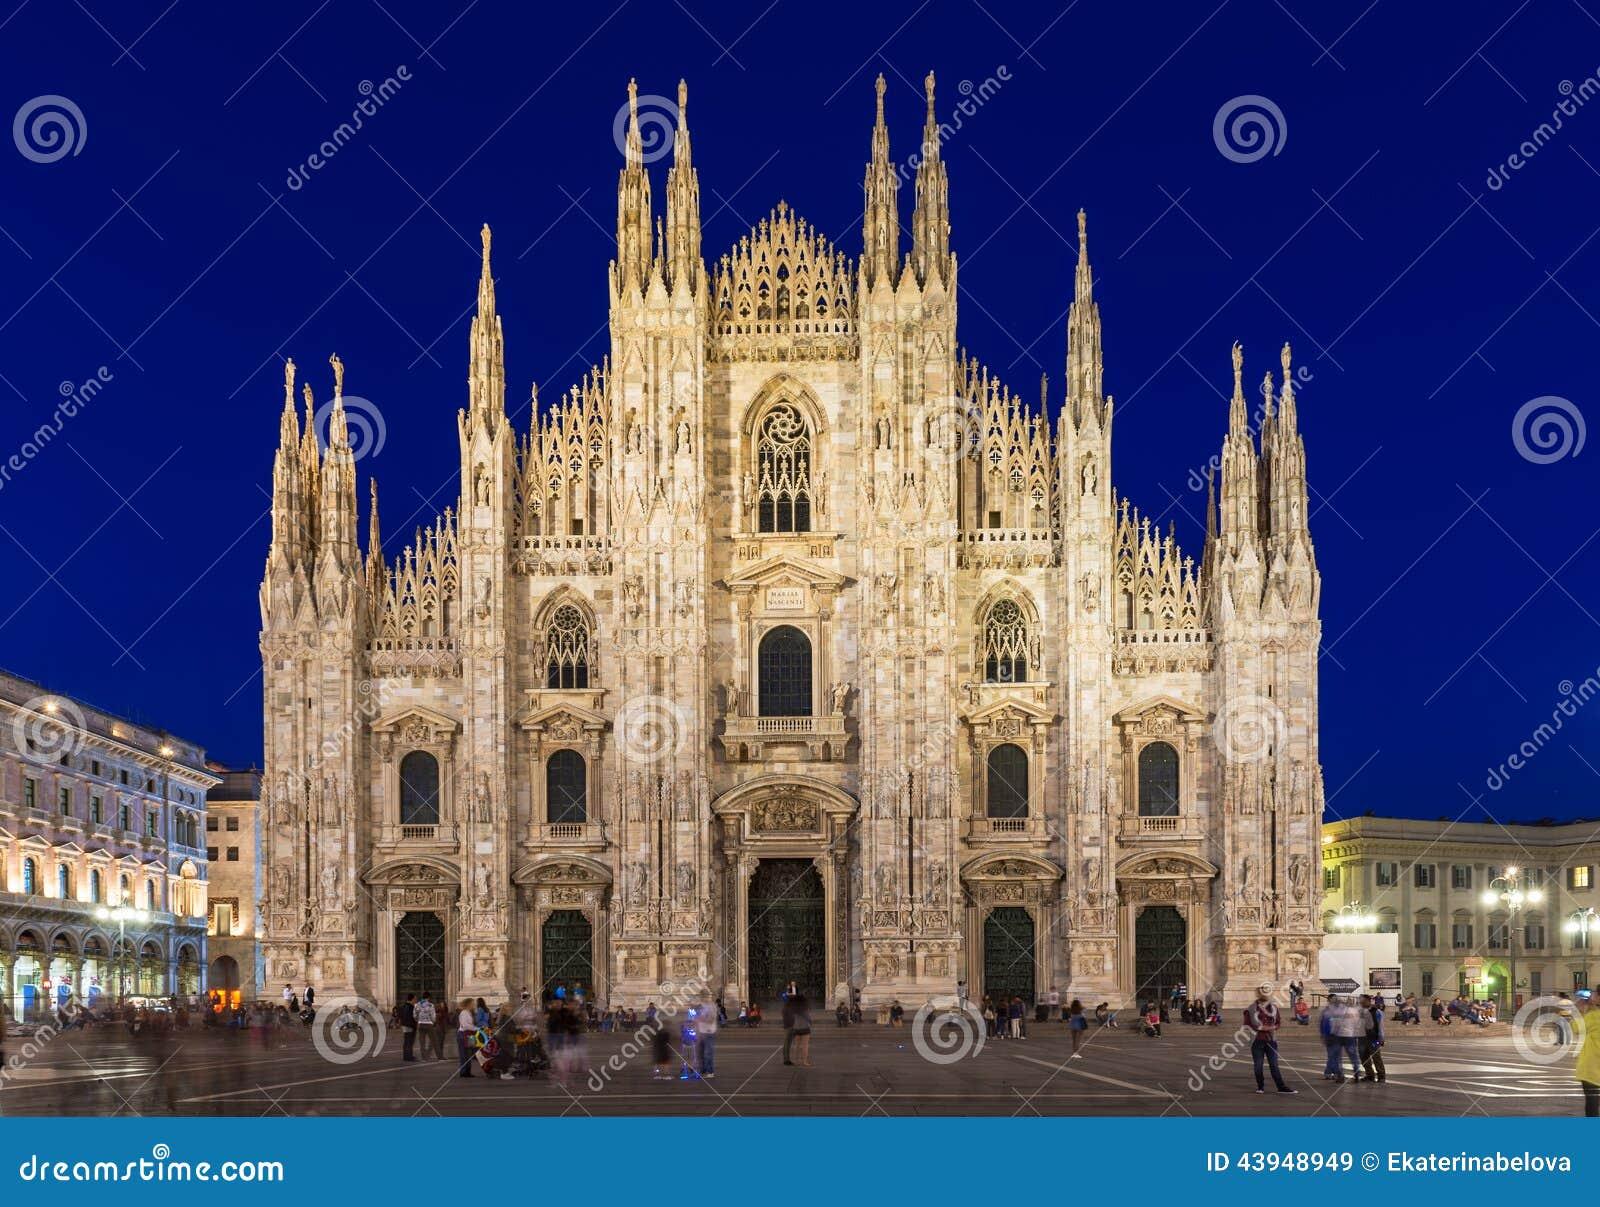 Καθεδρικός ναός του Μιλάνου (Di Μιλάνο Duomo) στο Μιλάνο, Ιταλία